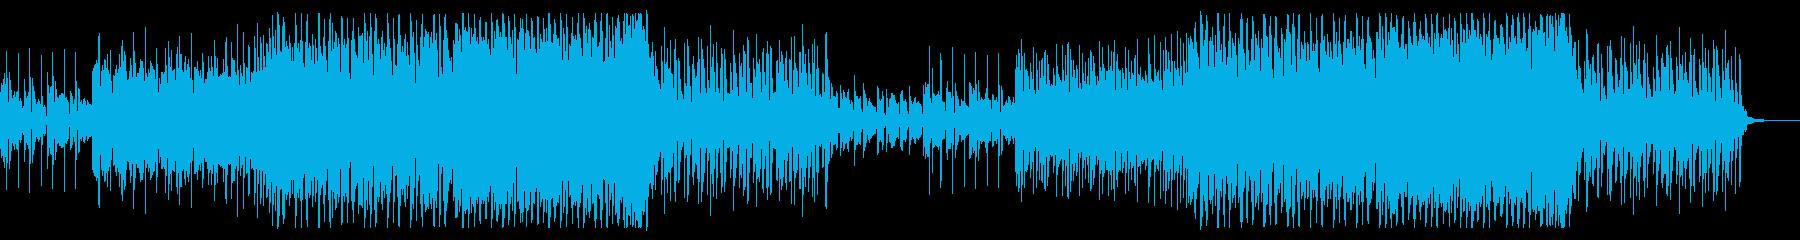 爽快、透明感のあるかわいいEDMの再生済みの波形